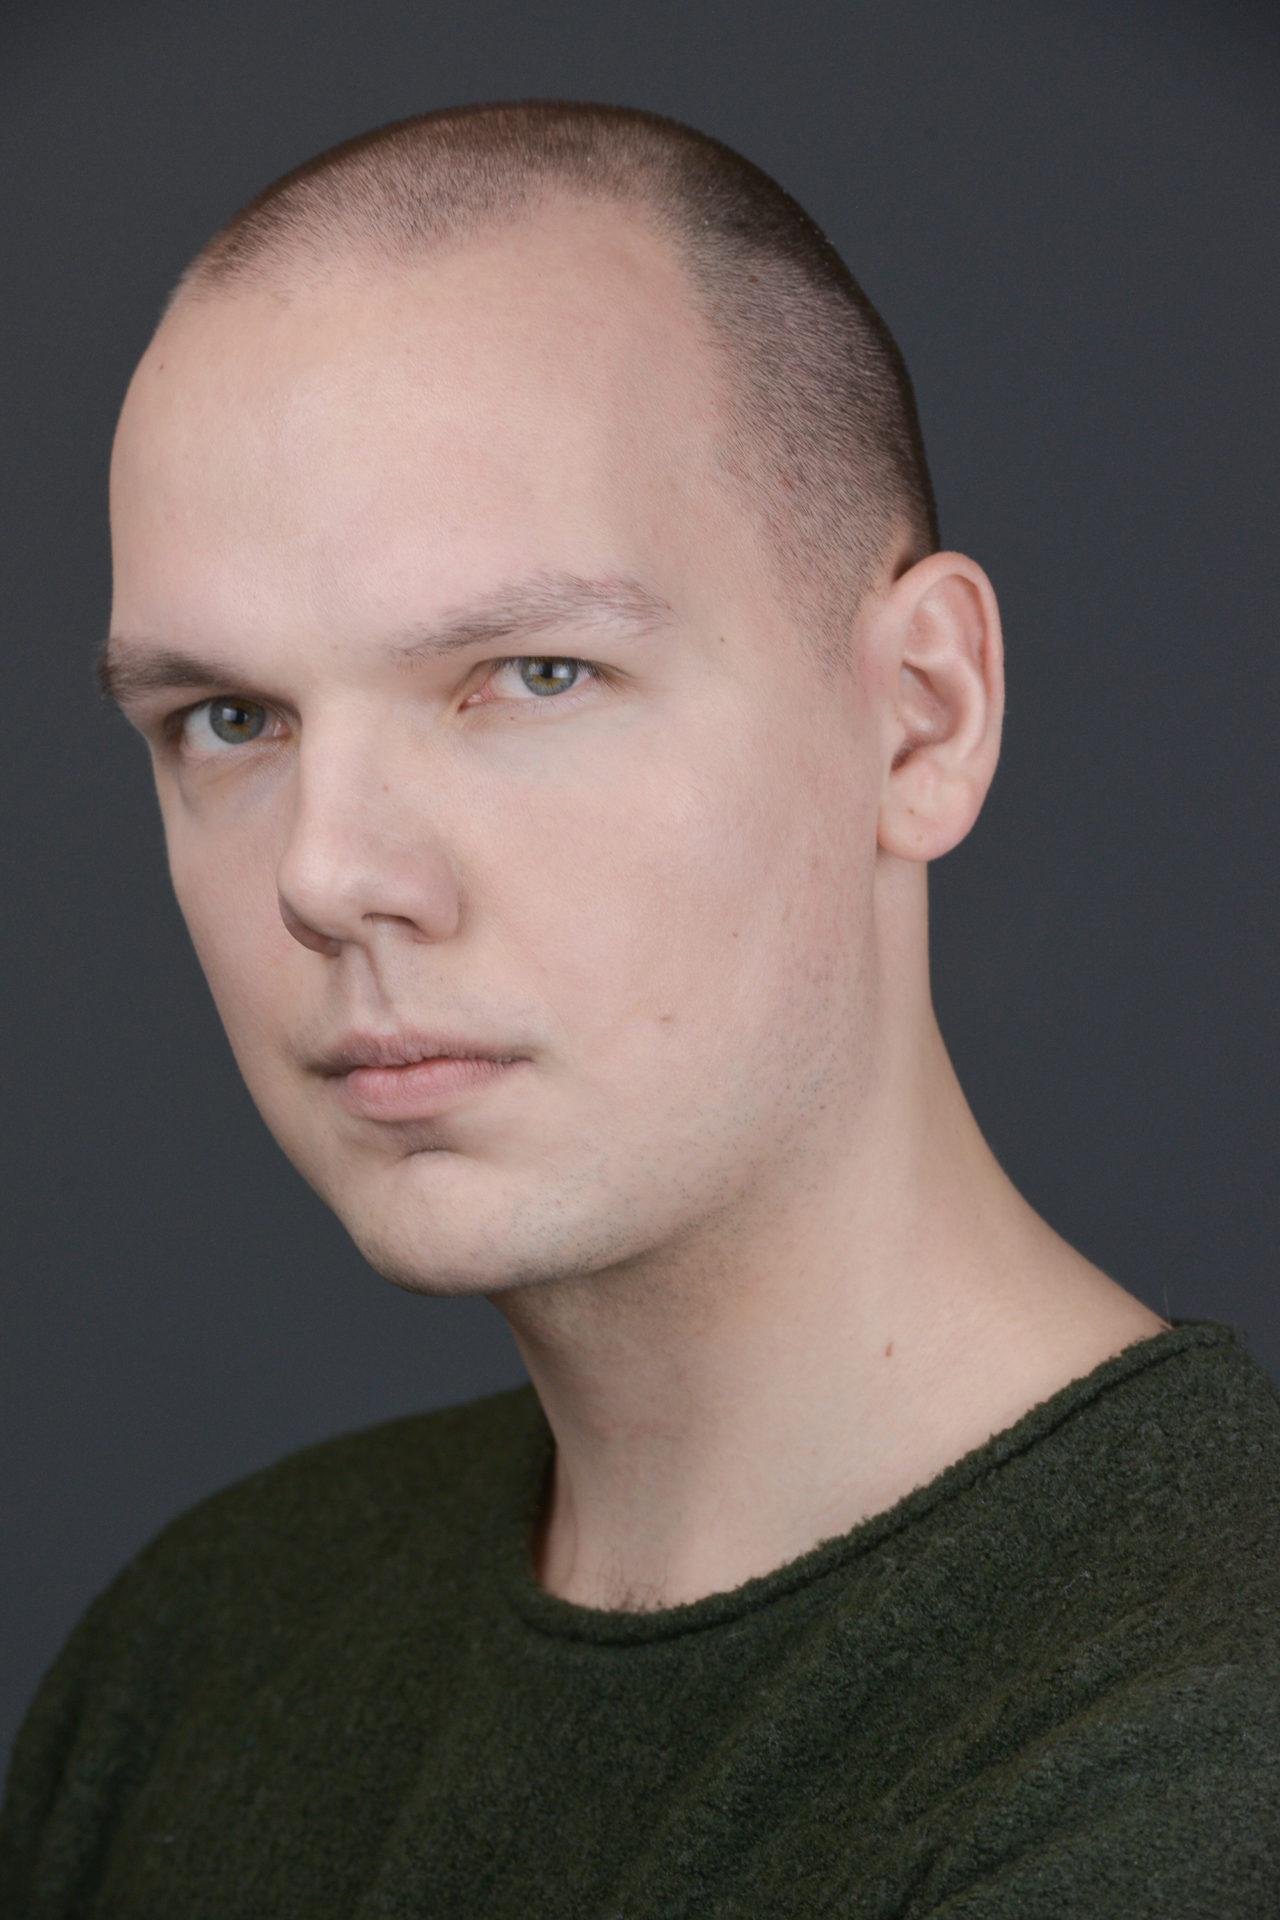 Ариэль Ласкер